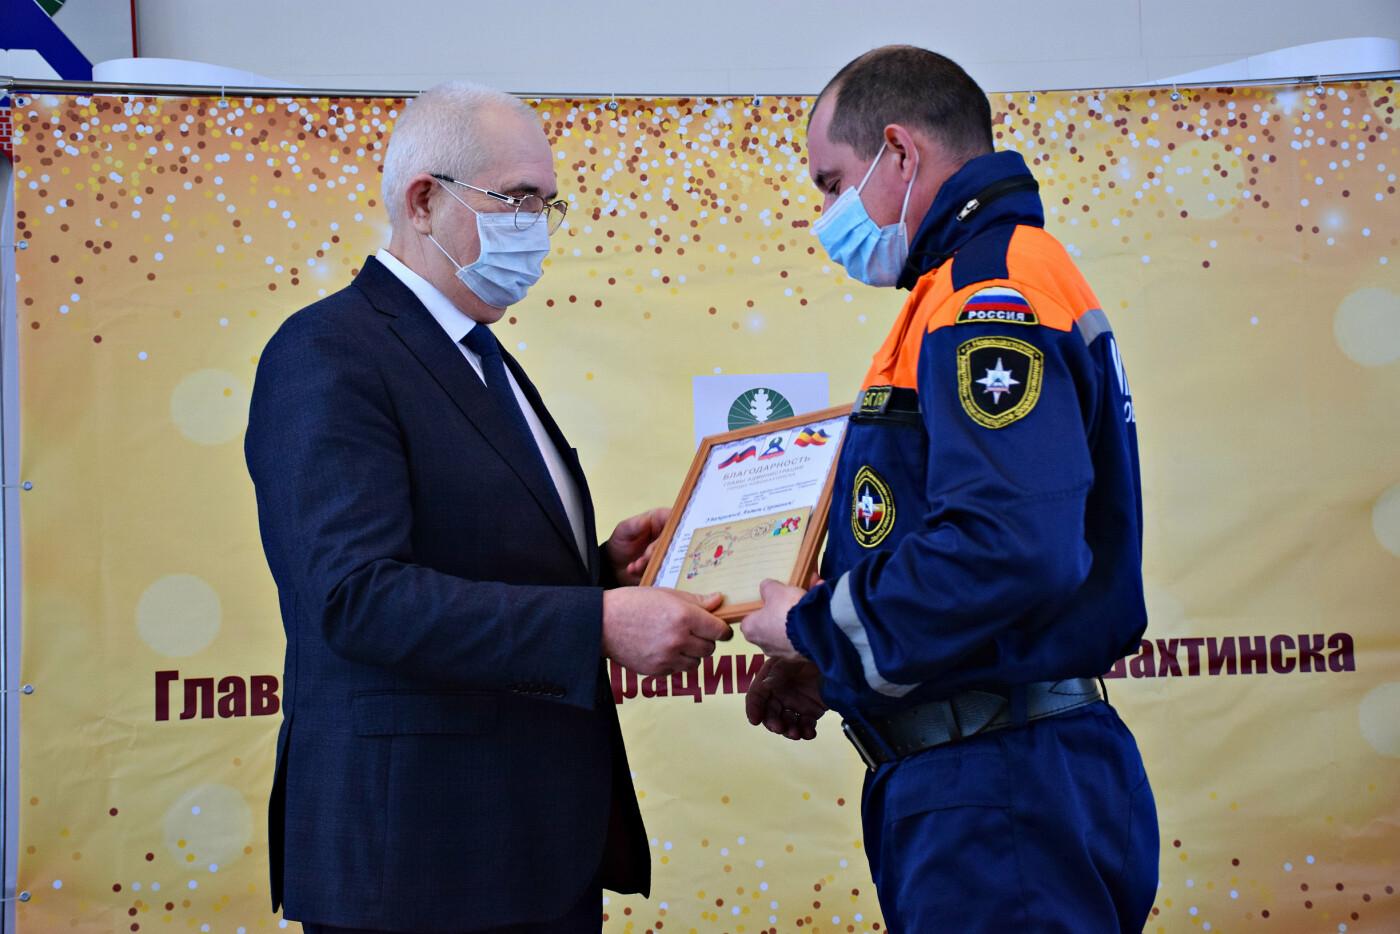 Глава администрации вручил награды отличившимся жителям Новошахтинска, фото-1